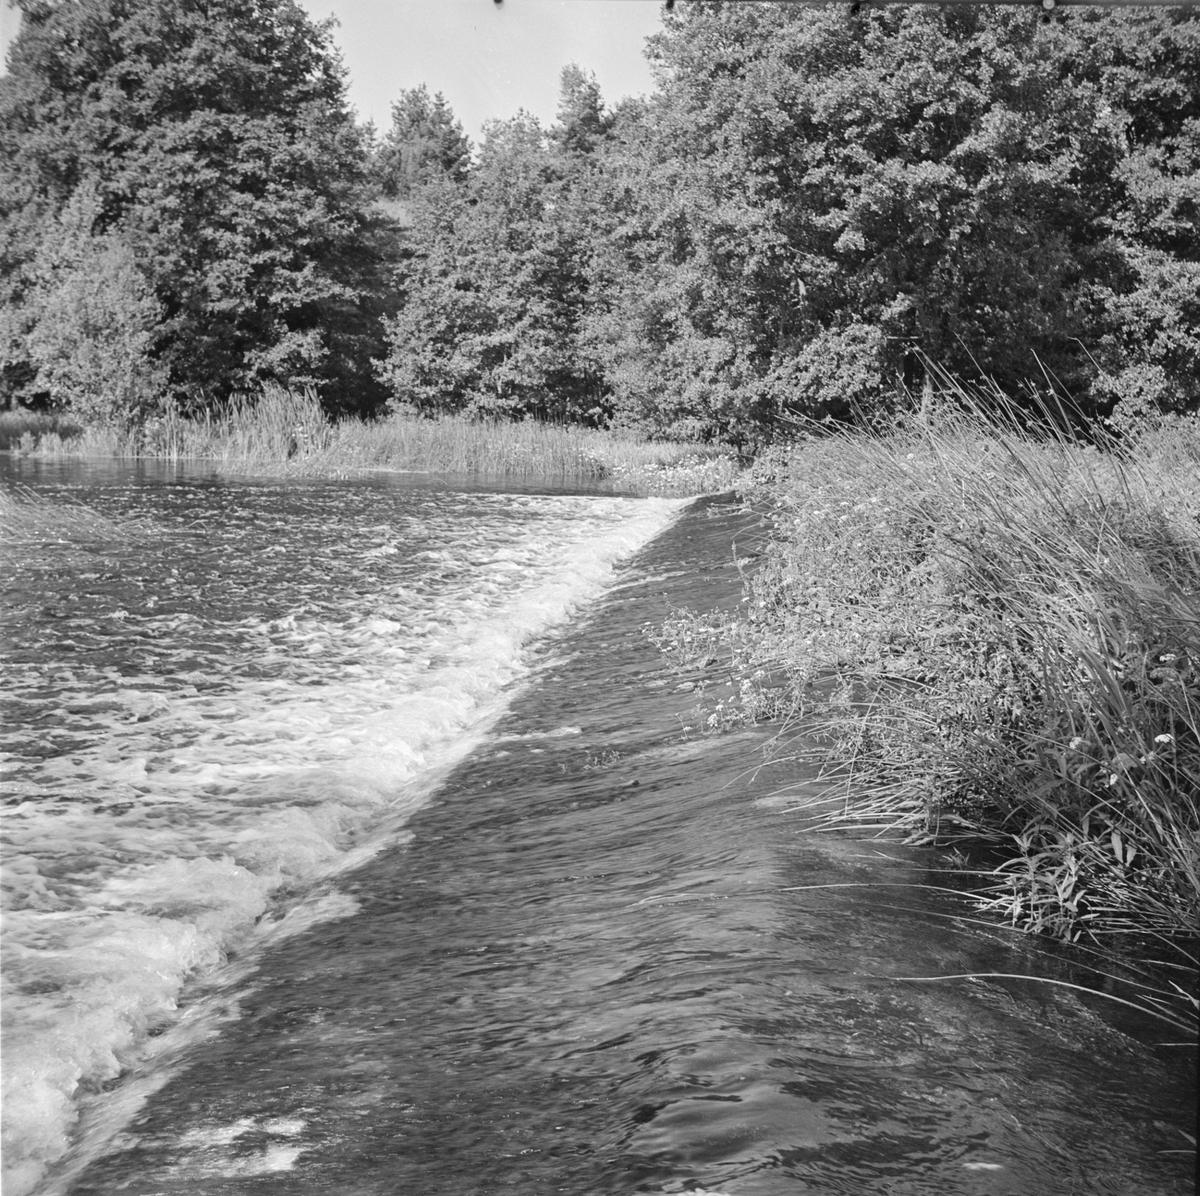 Dammfallet i Fyrisån vid Ensta, Uppland